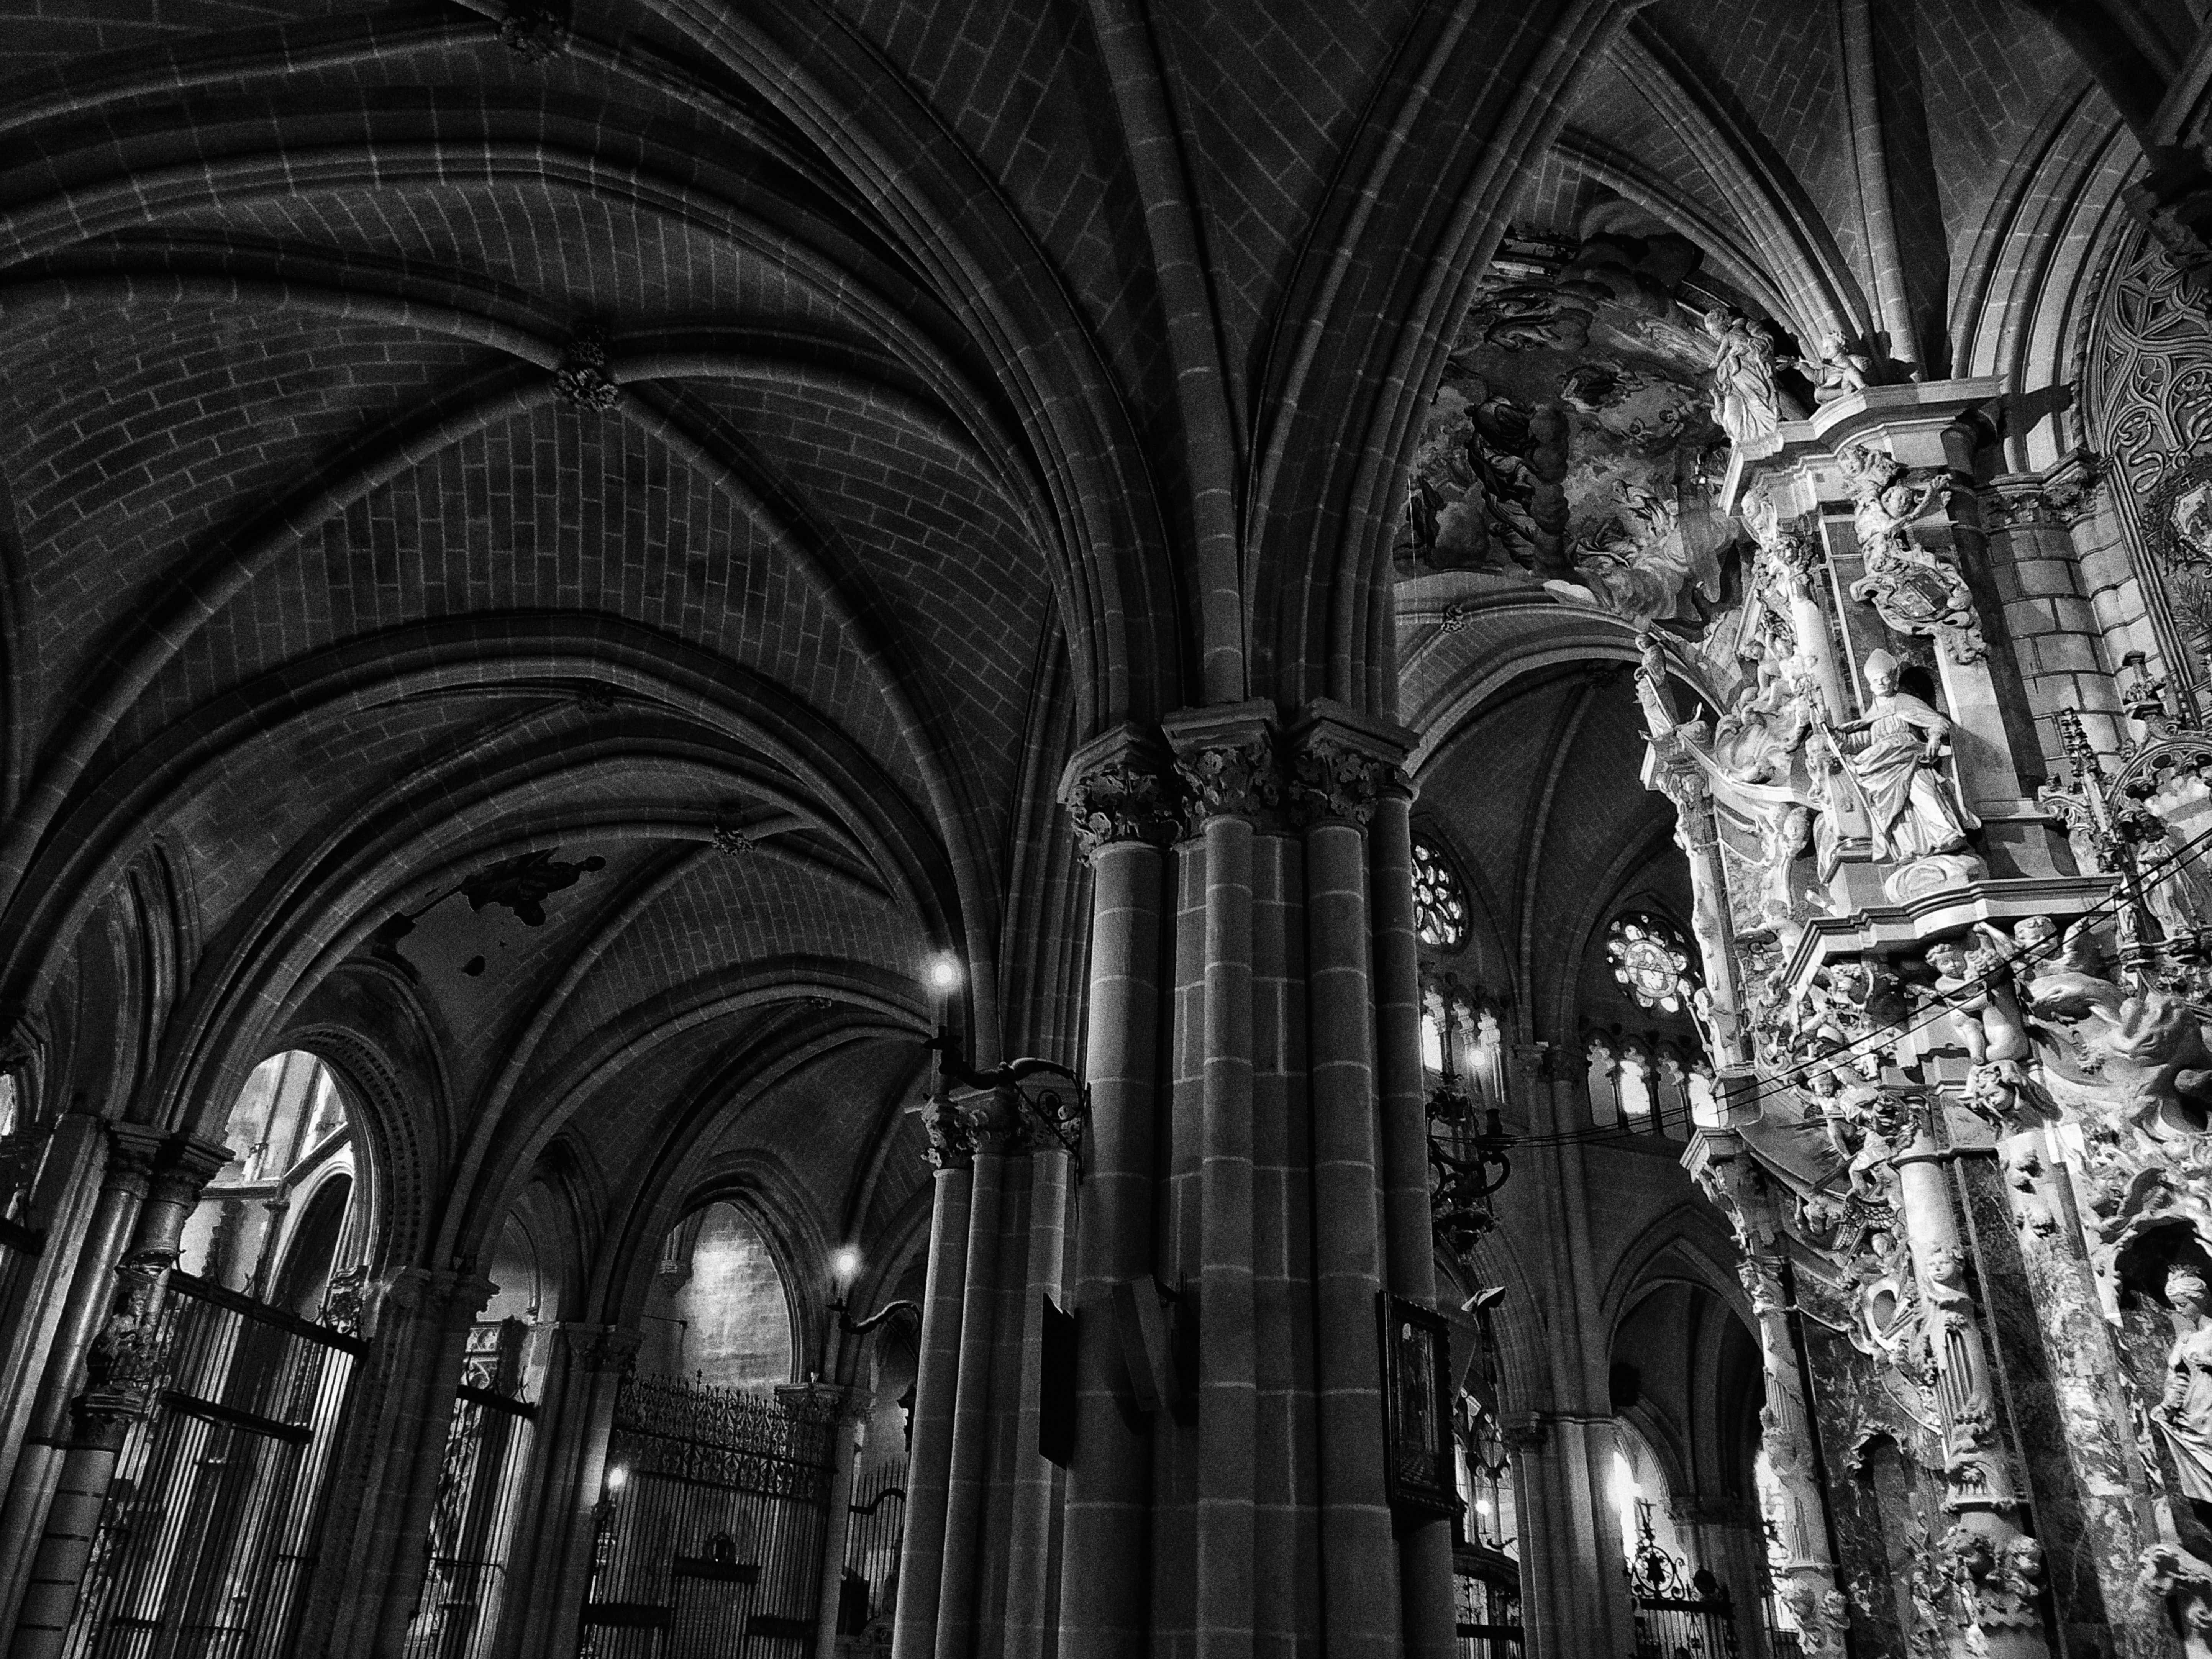 Catedral Primada de Toledo, Calle Cardenal Cisneros, Toledo, Spain Adri Otero https://unsplash.com